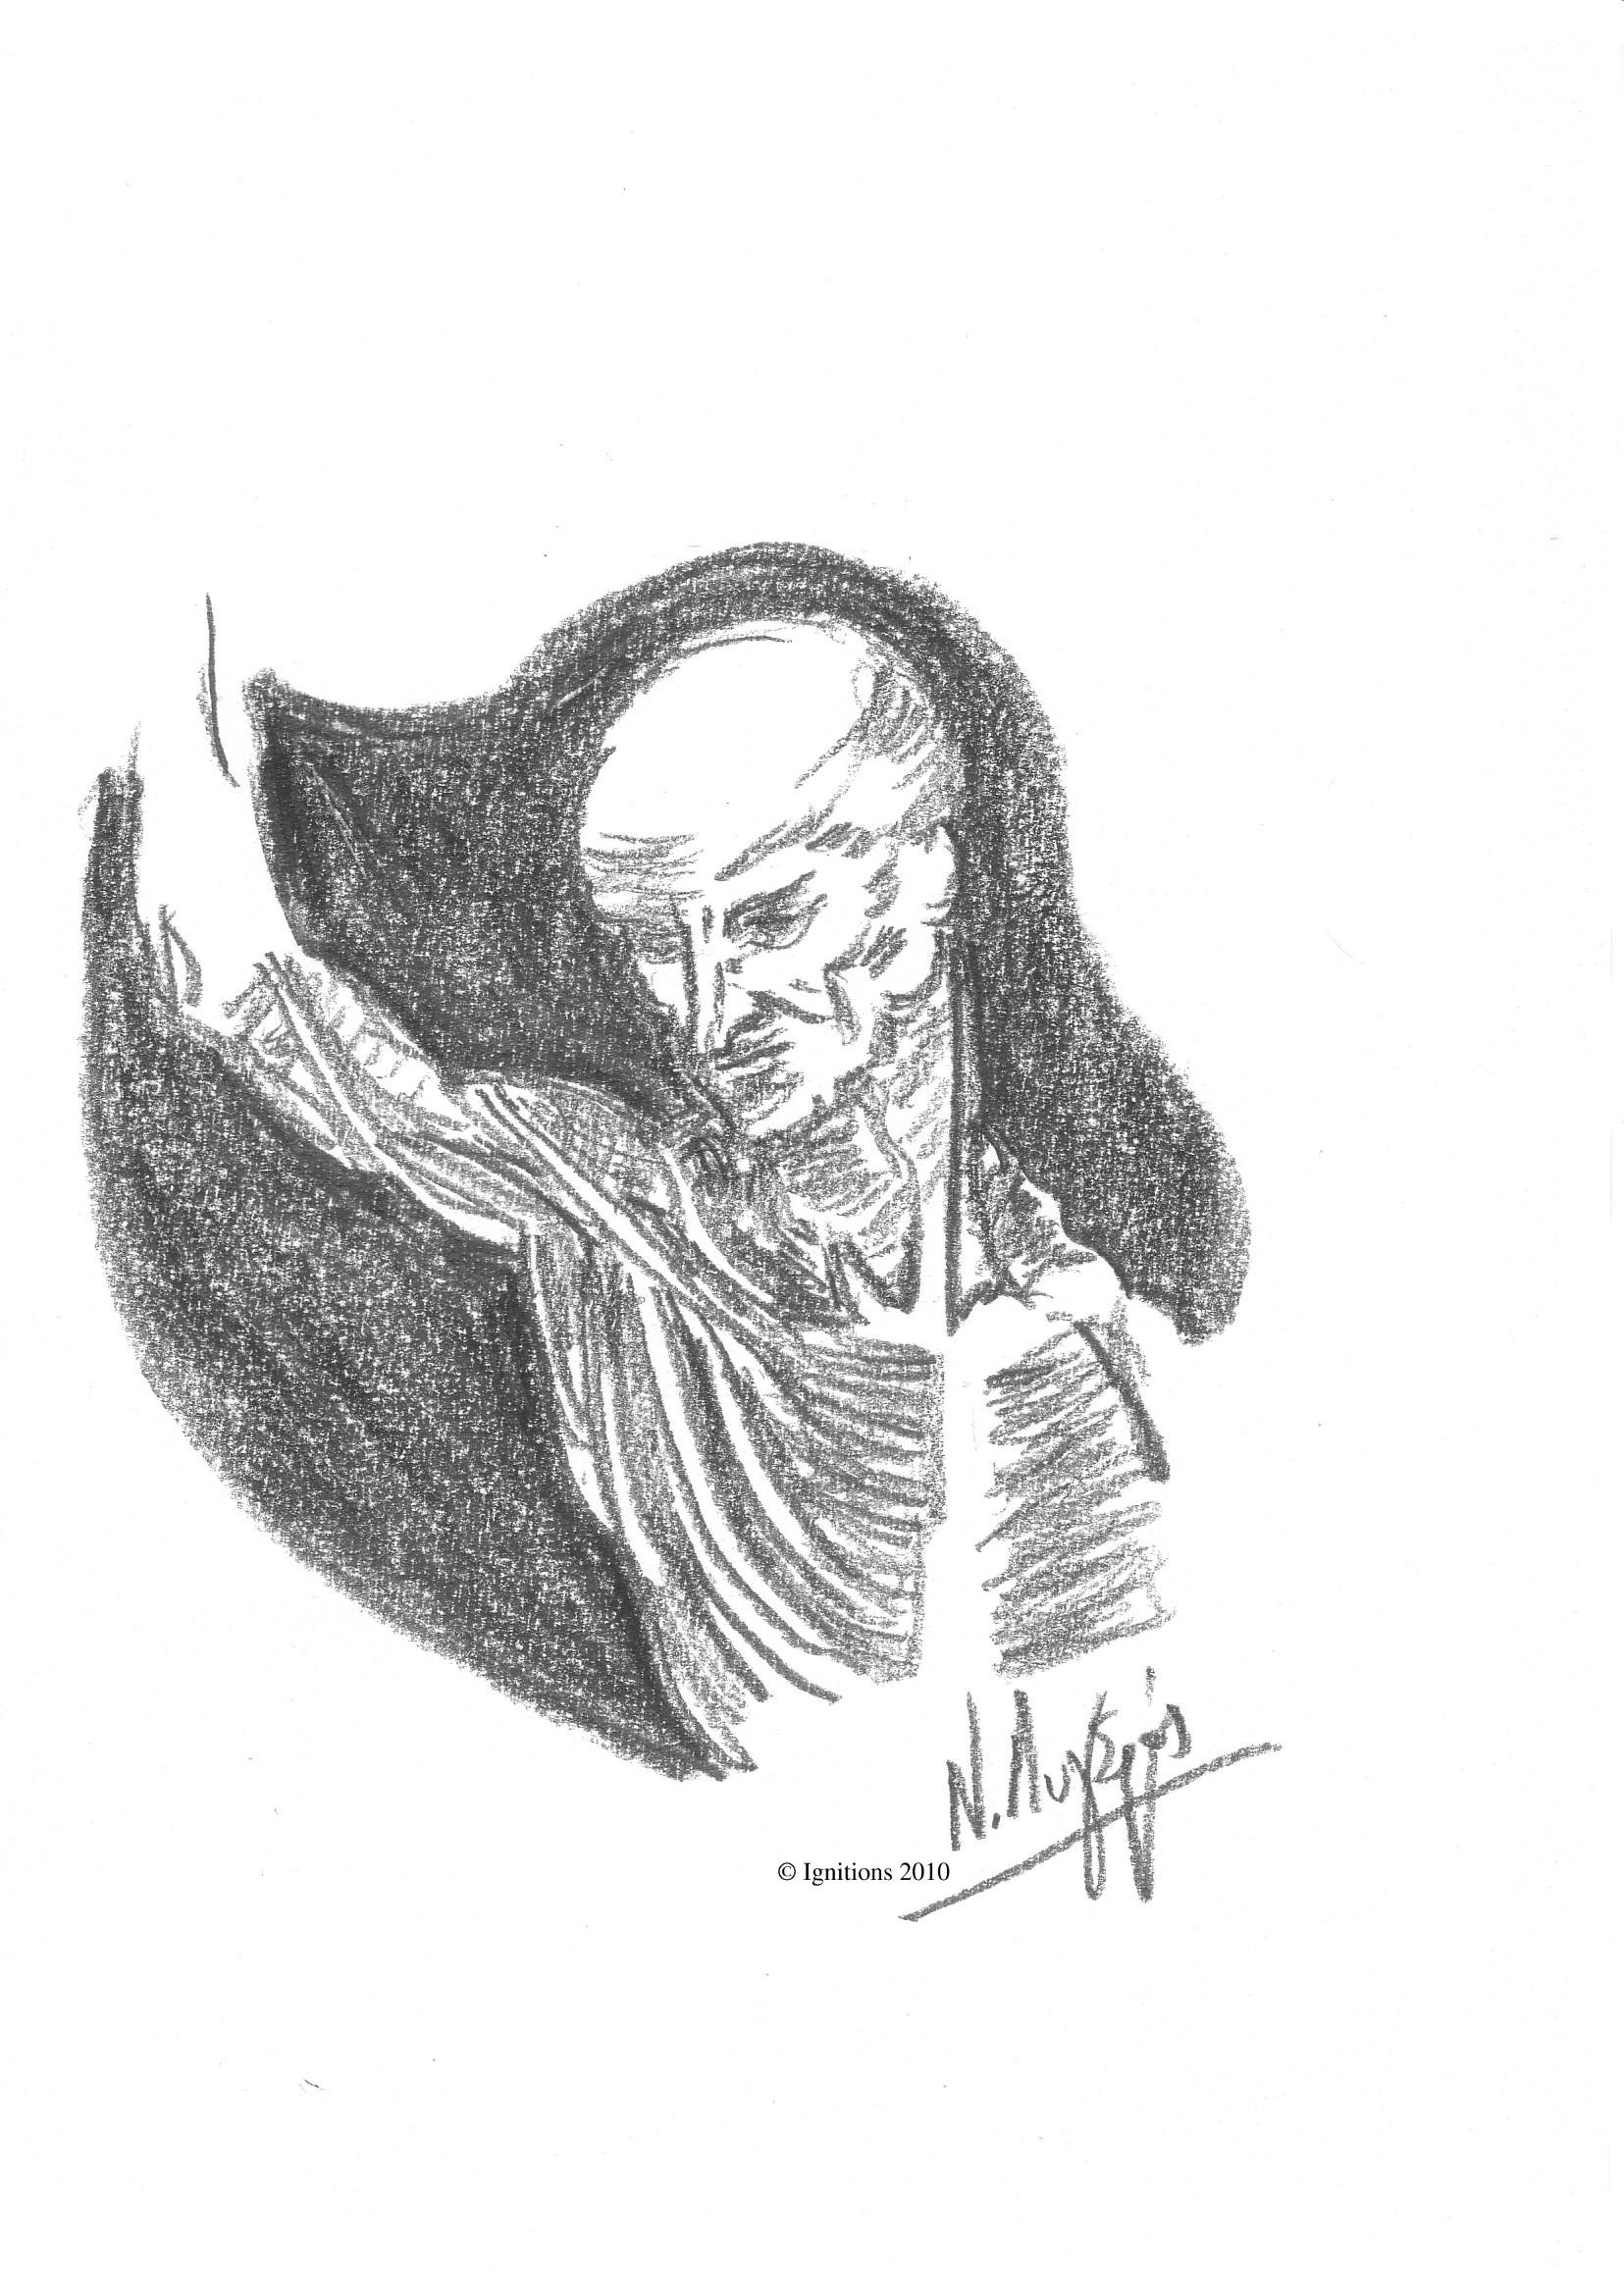 Analyse anatomique de l'épaule de Leonardo da Vinci.